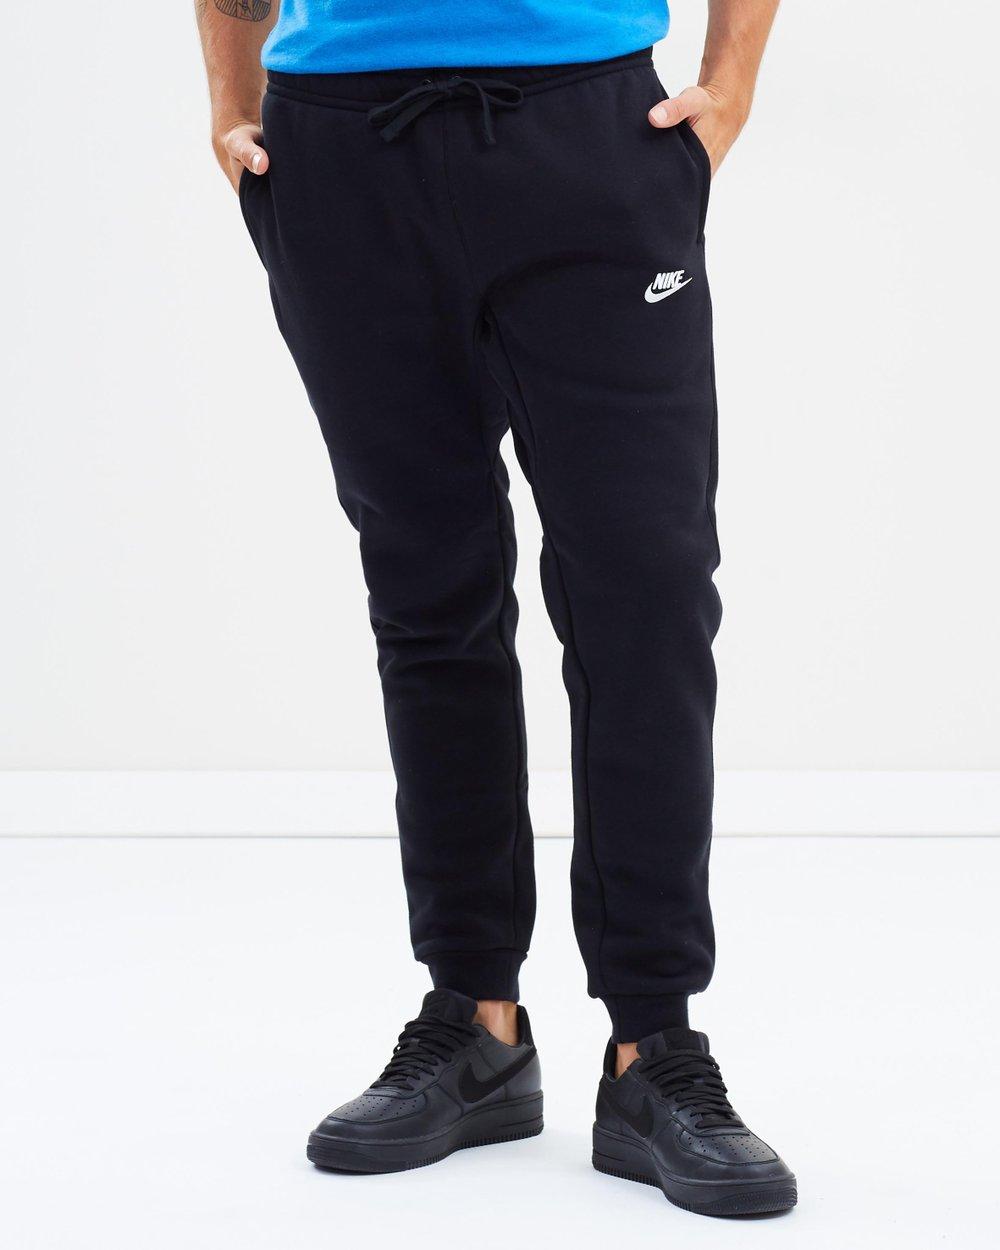 0c03dd6e6abf Men s Nike Sportswear Jogger Pants by Nike Online